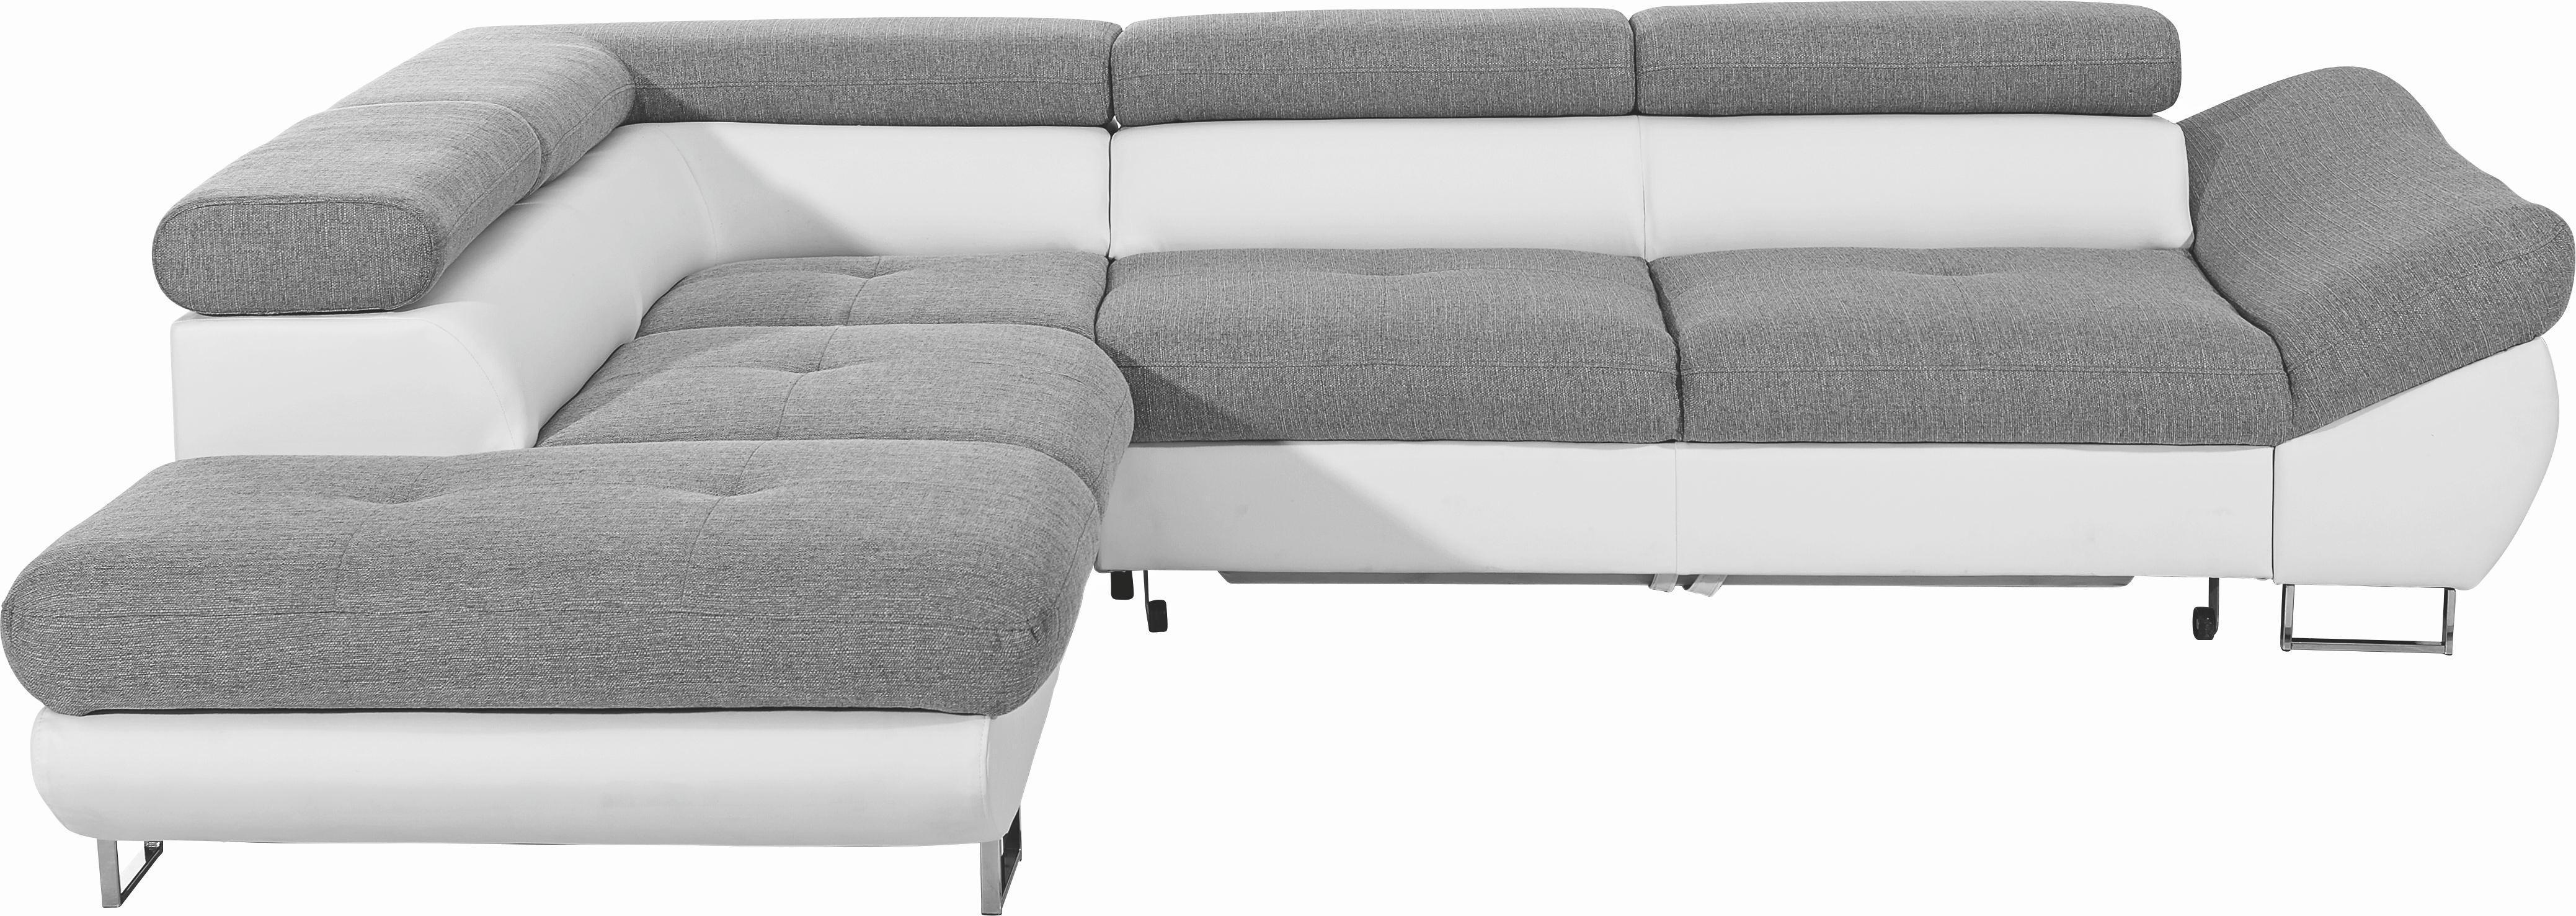 Wohnlandschaft grau  WOHNLANDSCHAFT in Grau, Weiß Textil online kaufen ➤ XXXLutz